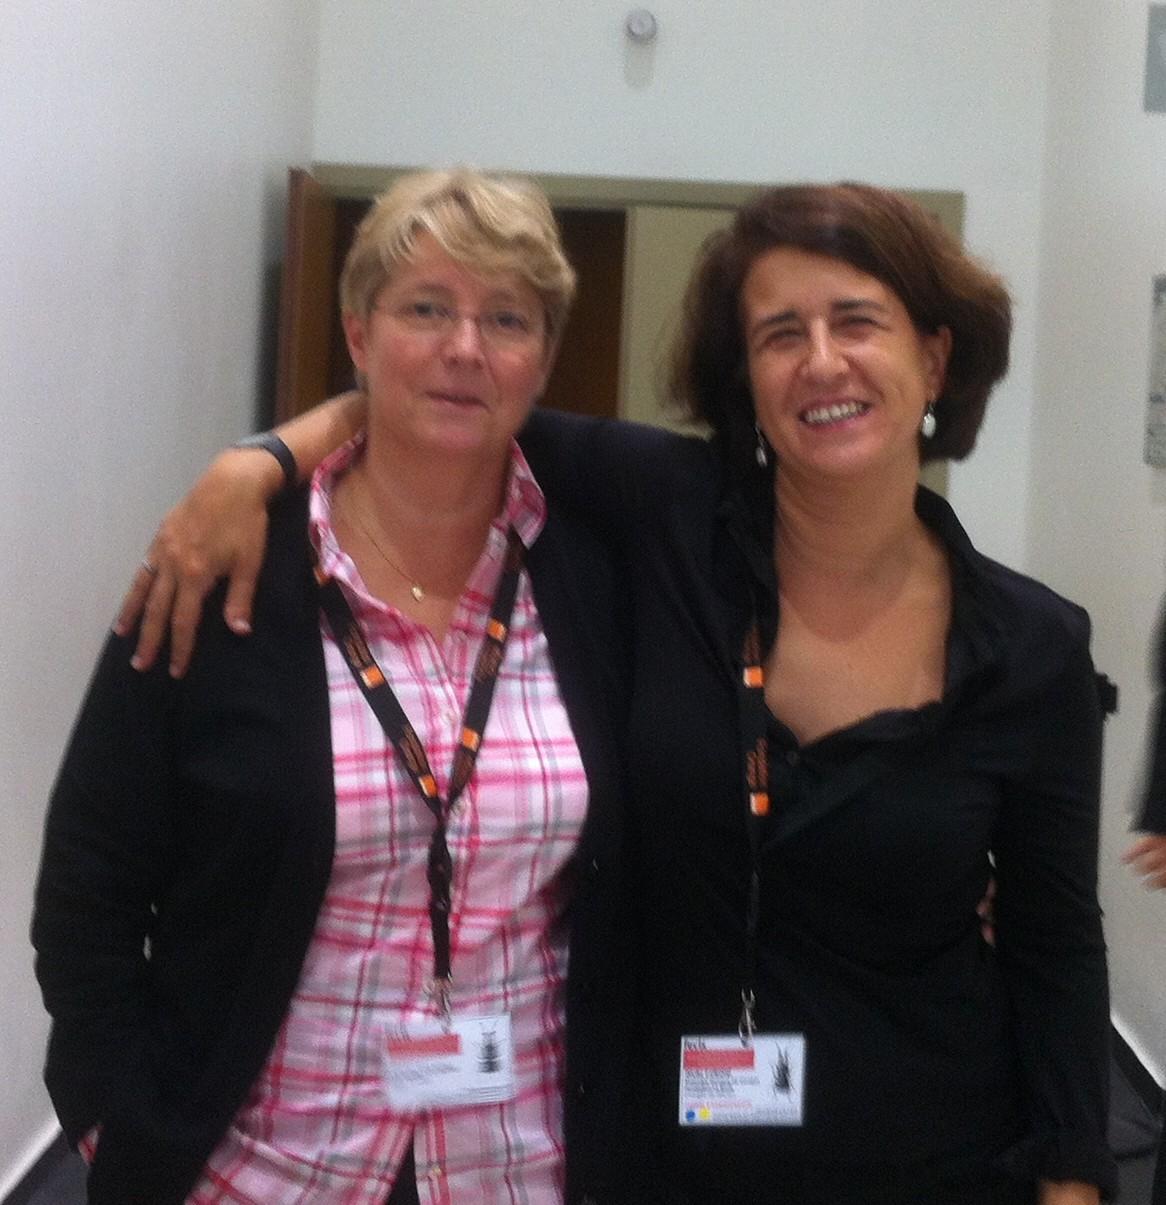 Mrs Von Mutius and Curioni